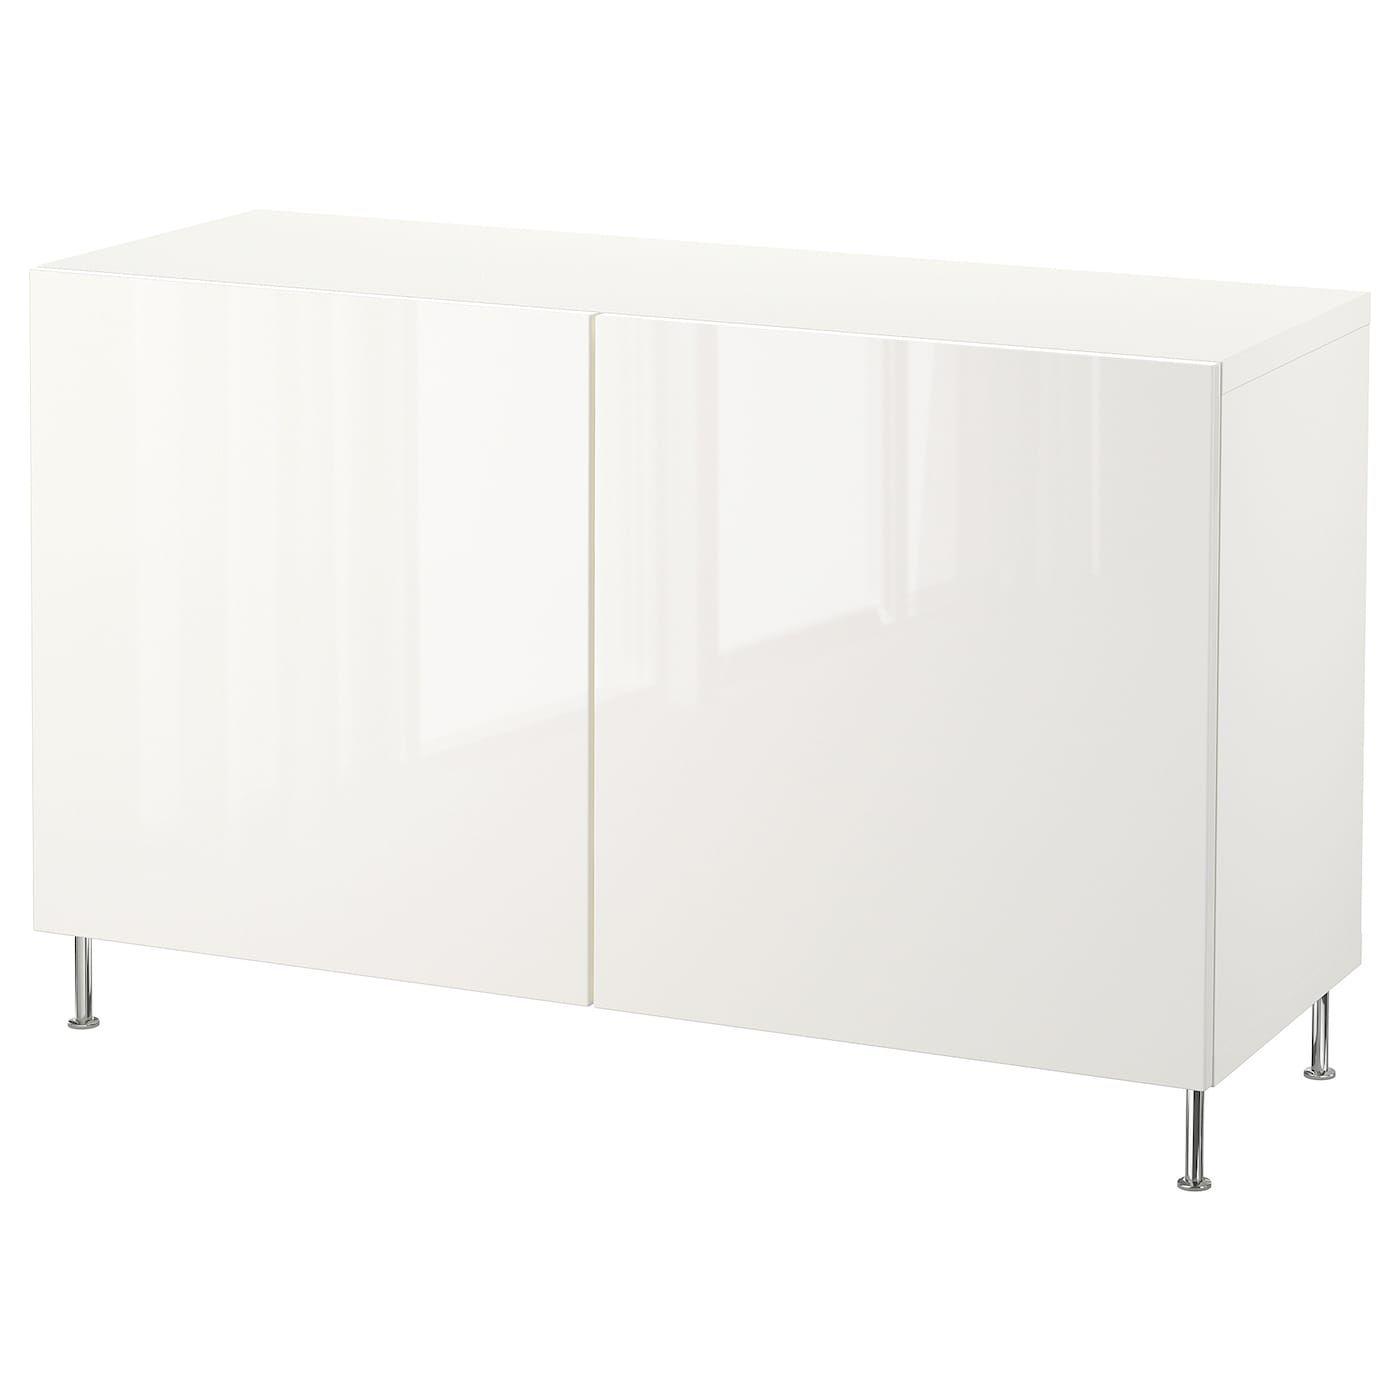 Besta Aufbewahrung Mit Turen Weiss Selsviken Stallarp Hochglanz Weiss Ikea Osterreich In 2020 Ikea Adjustable Shelving Wall Shelf Unit